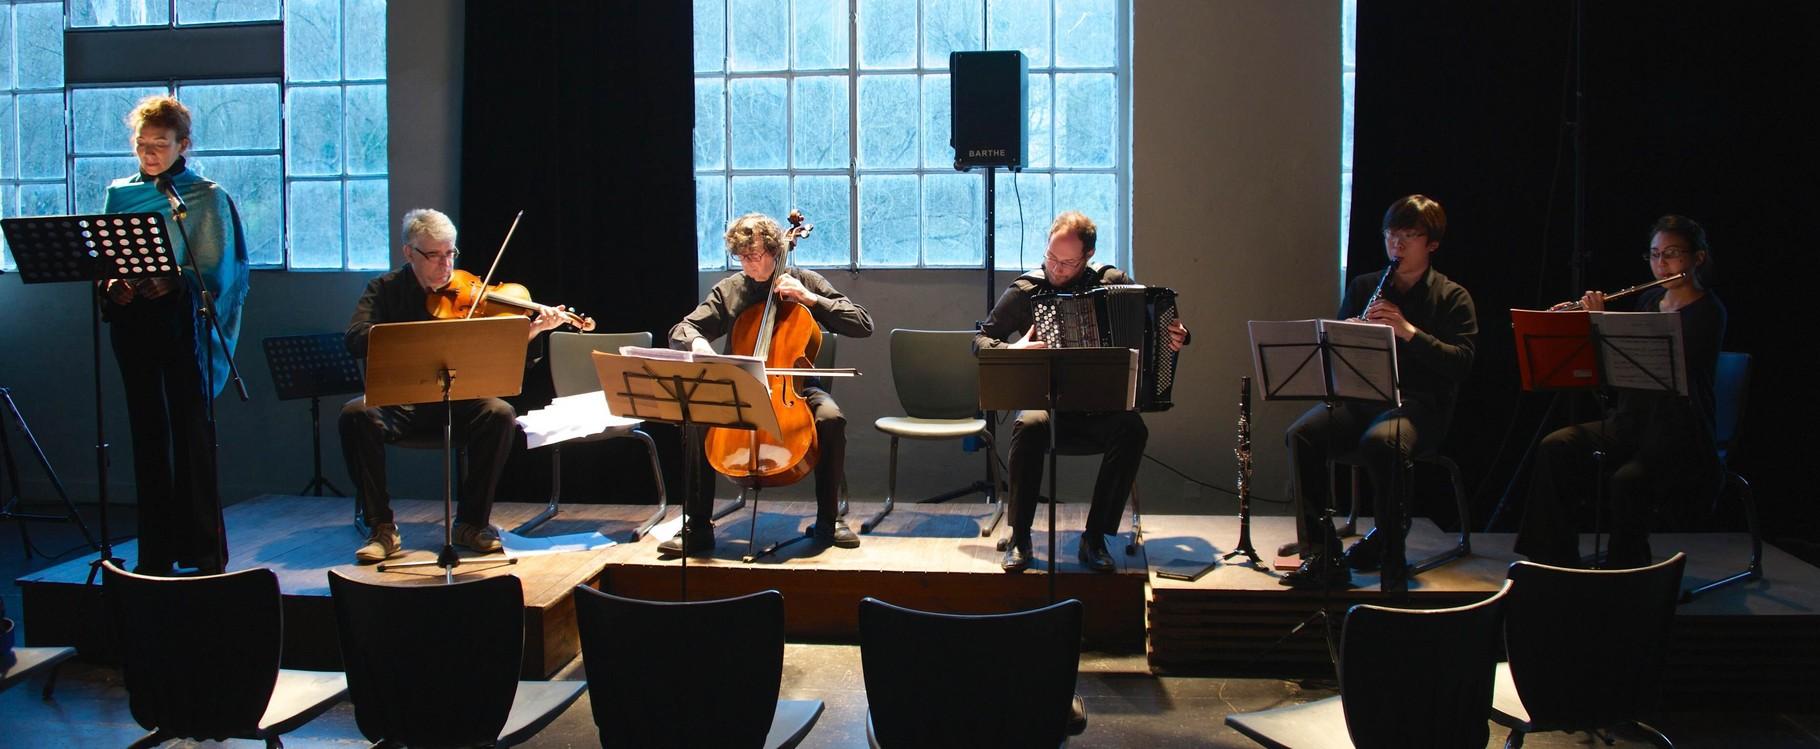 Opération Jeunes Talents, Concerts du 16 Mars 2015 à Lasalle, à la Filature du Pont de Fer